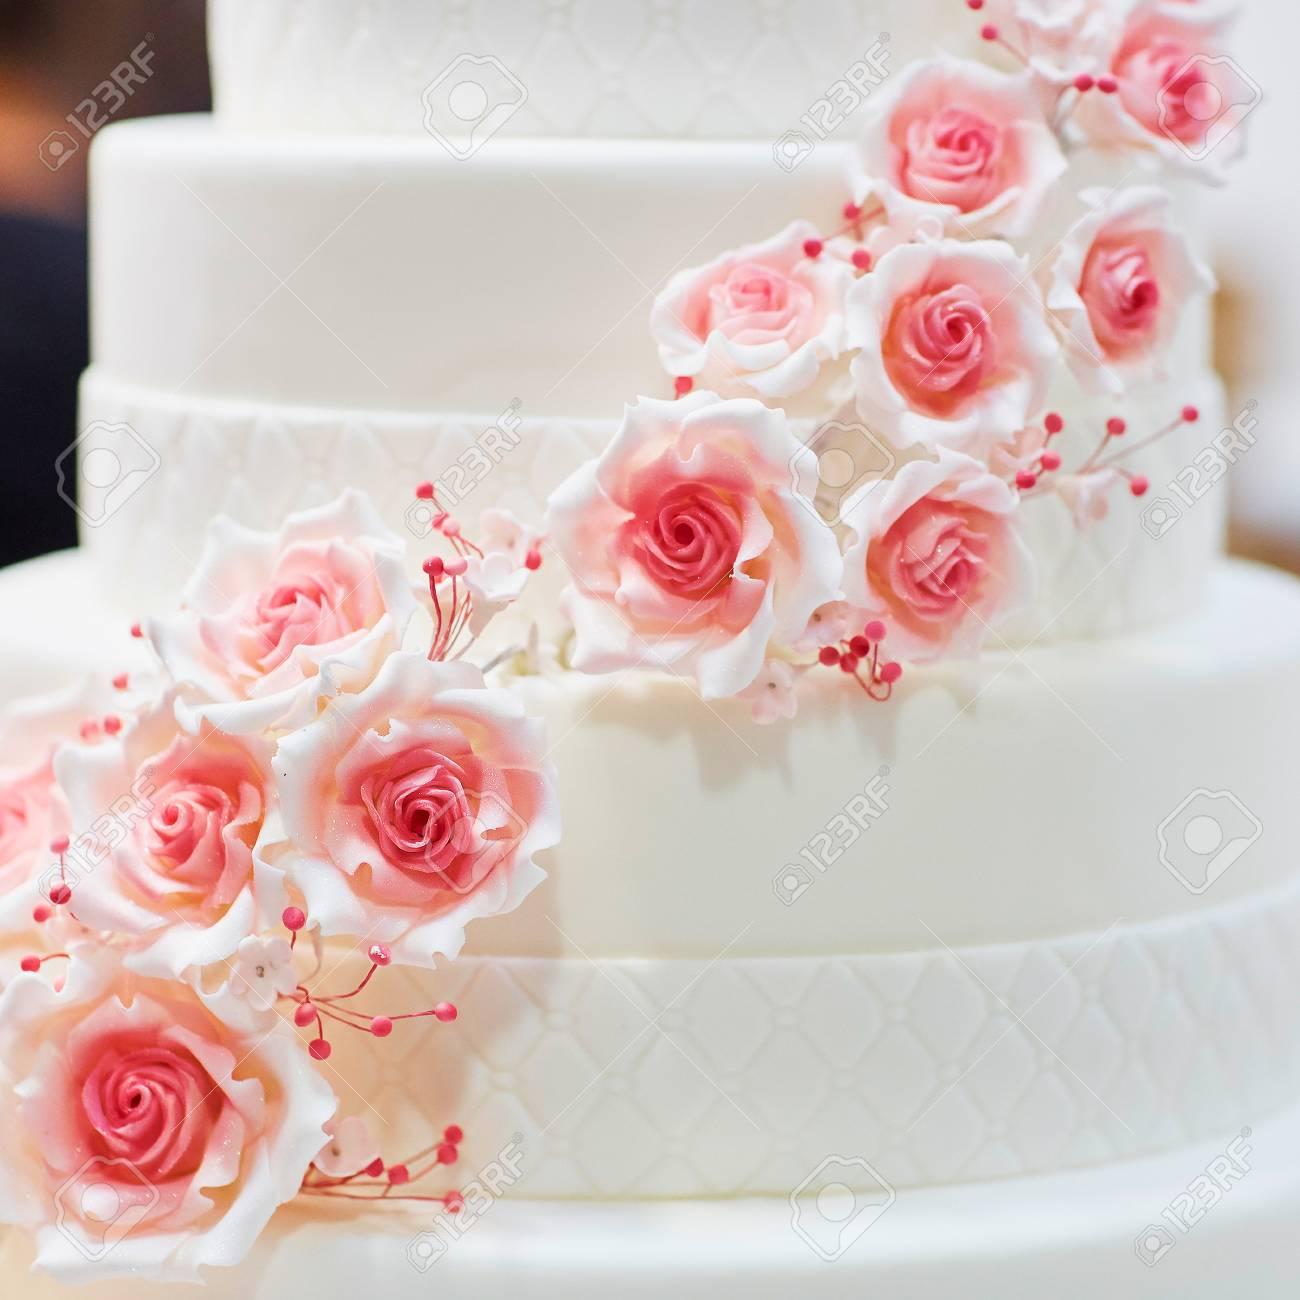 Weisse Hochzeitstorte Mit Zucker Rosa Rosen Verziert Lizenzfreie